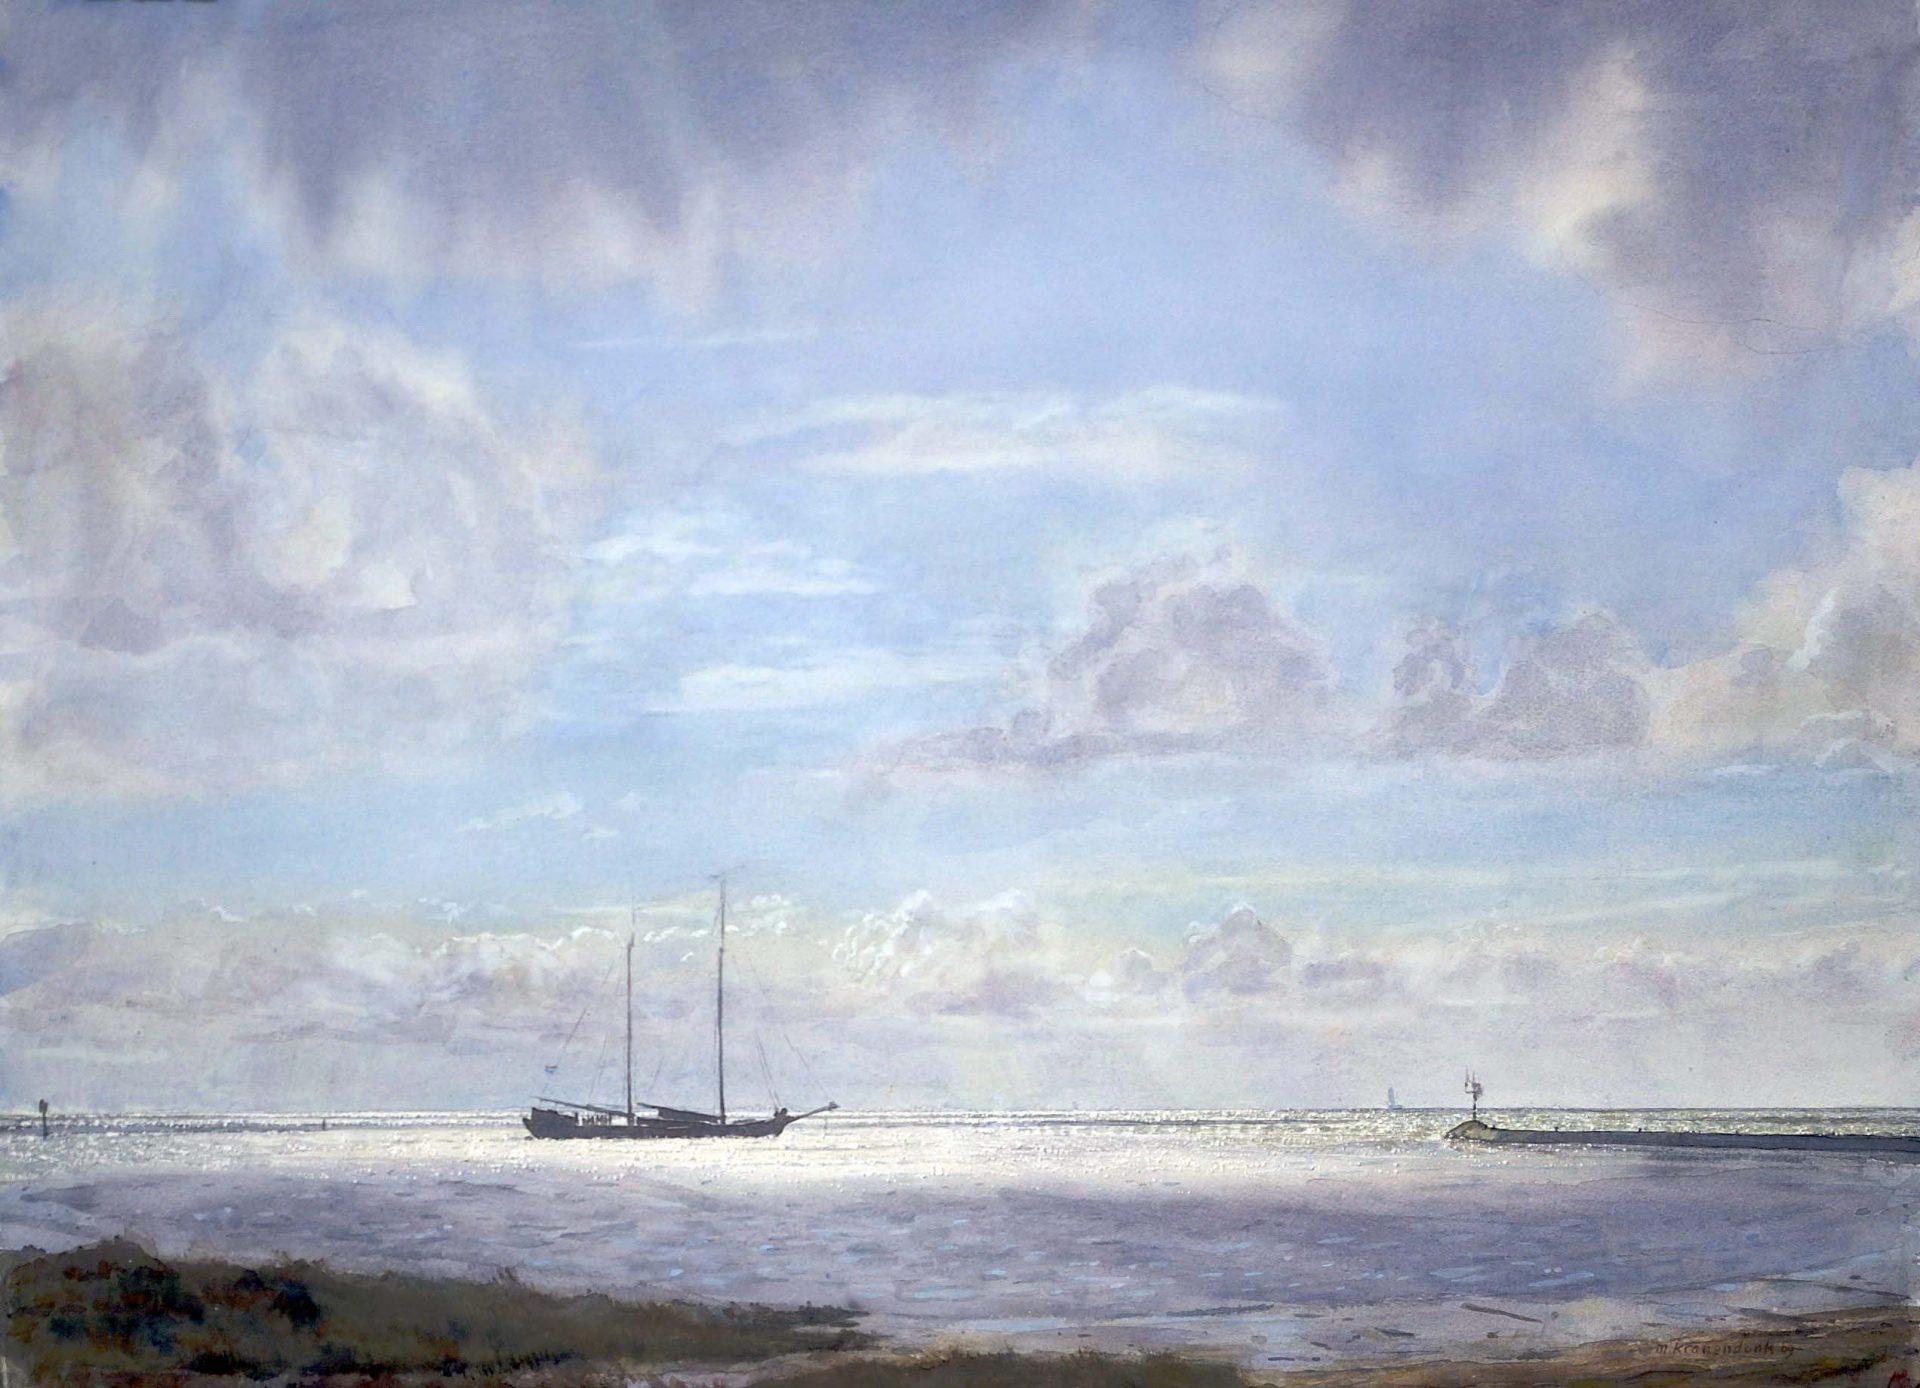 Aquarel zeilschip klipper dat haven Terschelling uitvaart realistisch schilderij